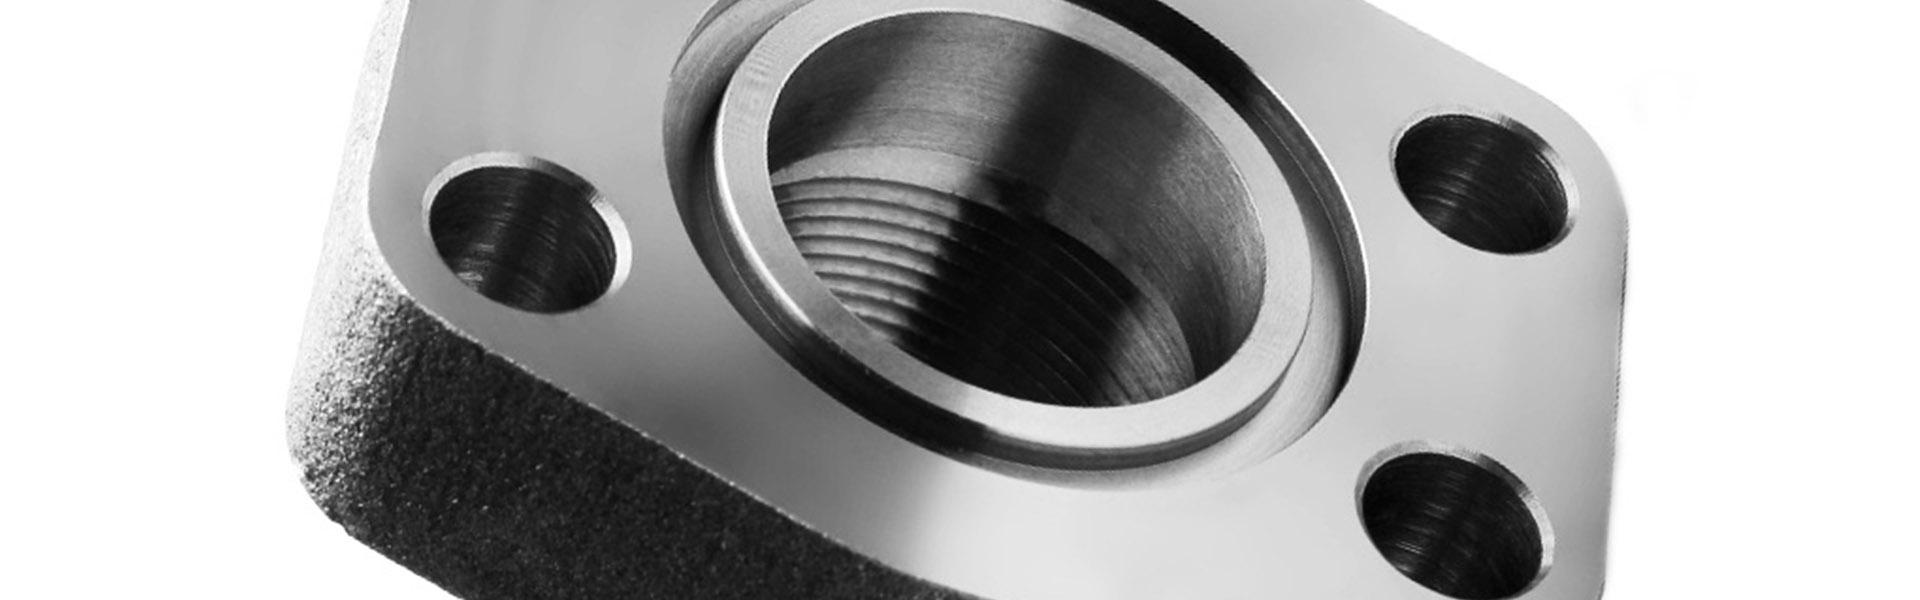 Hexafluid componenti oleodinamici flange